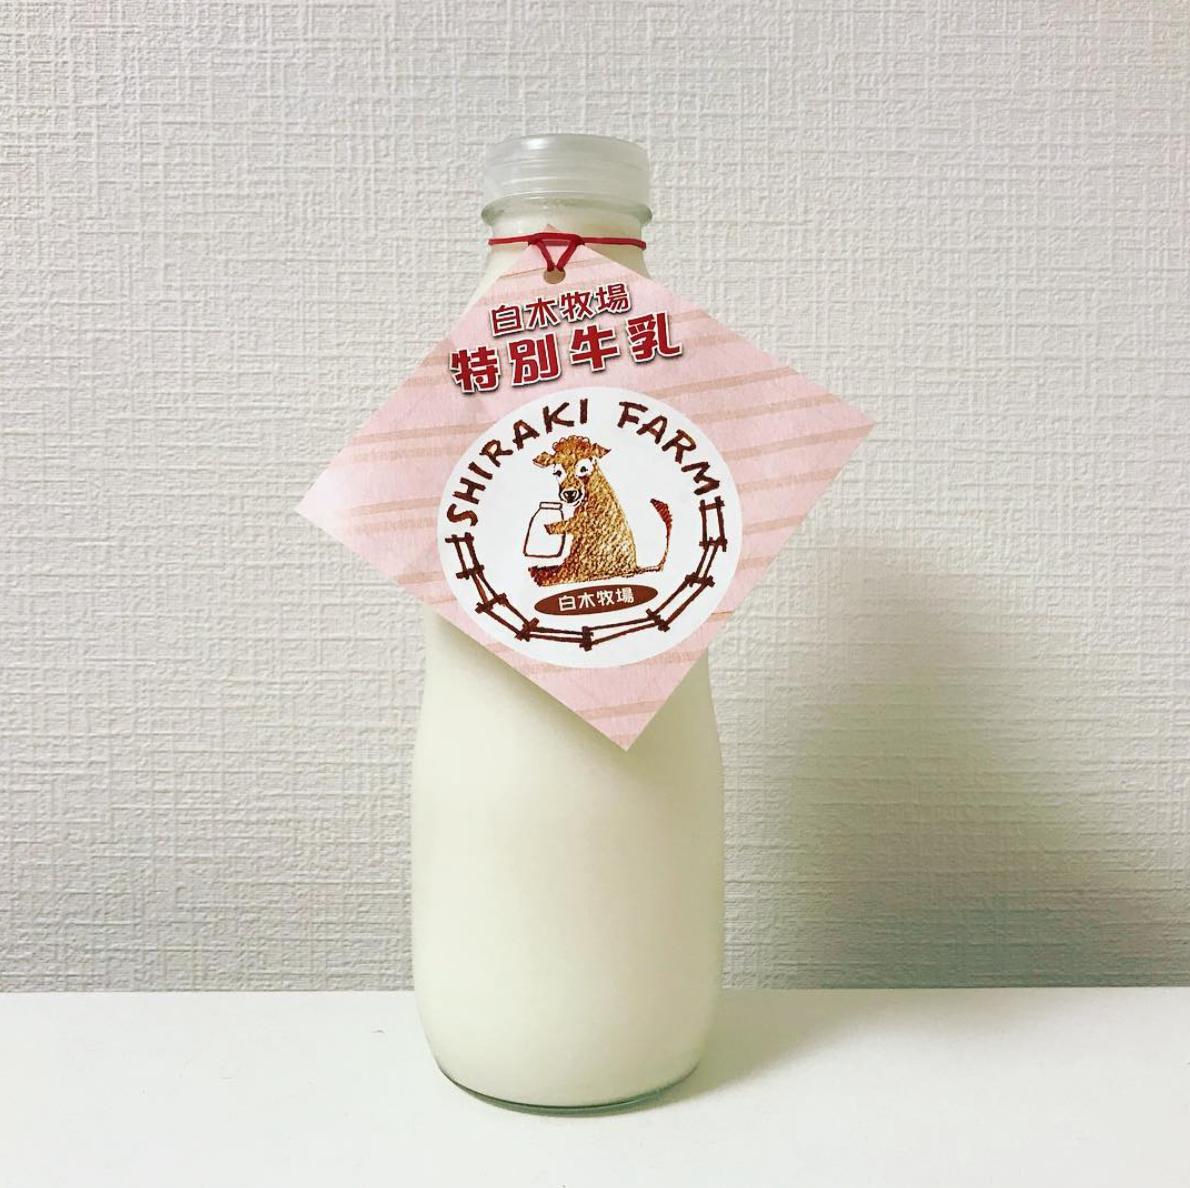 ミルクマイスターが勝手にオススメ!2017年M(ミルク)1グランプリ!